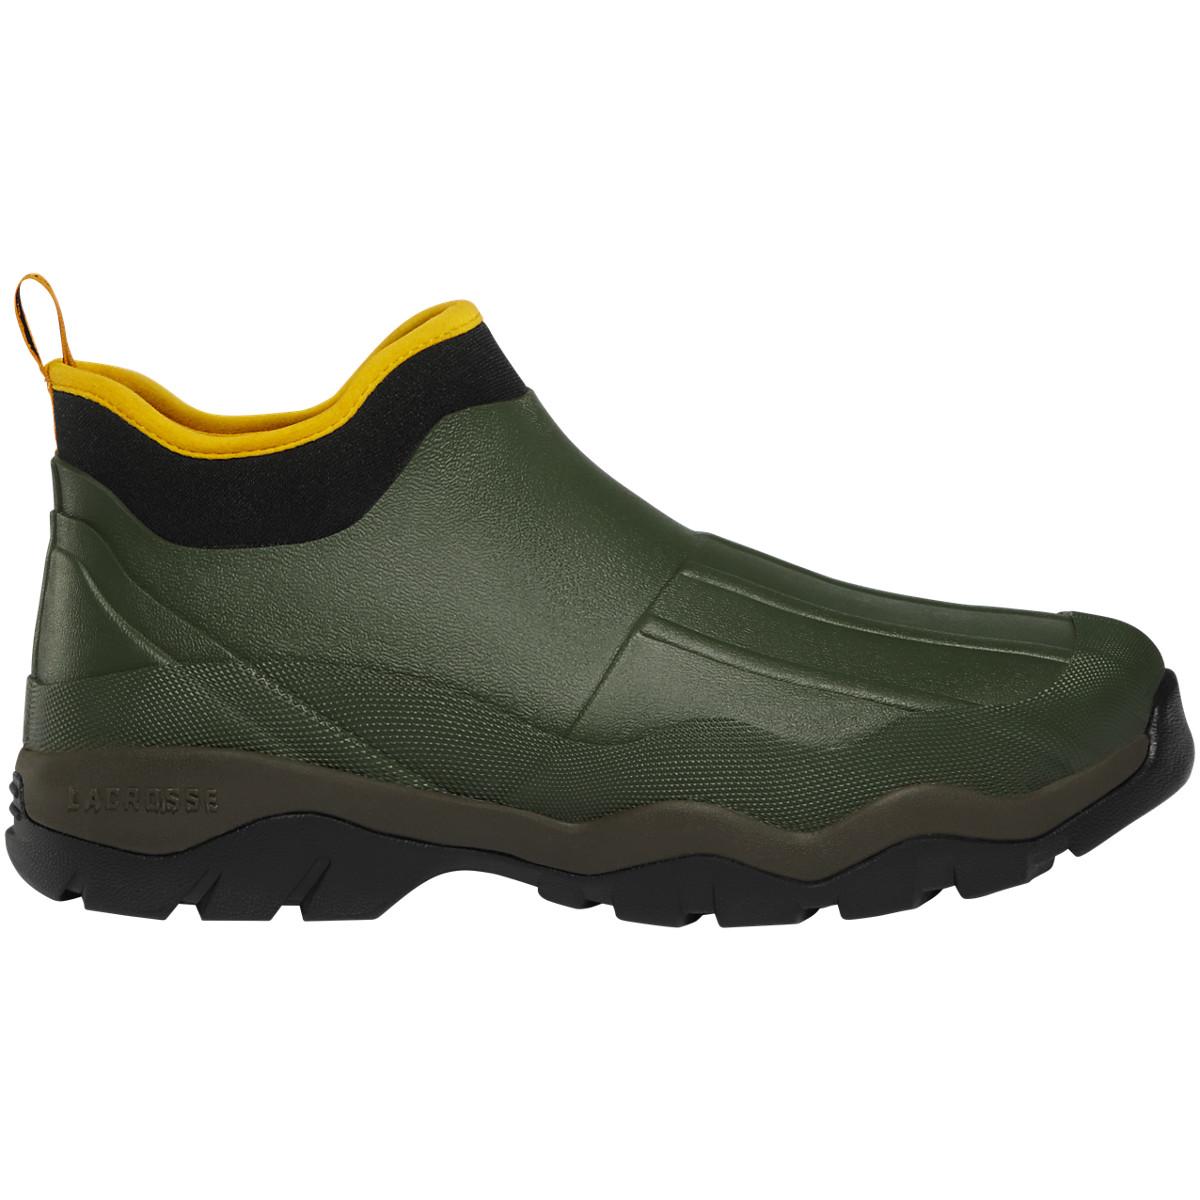 www.lacrossefootwear.com